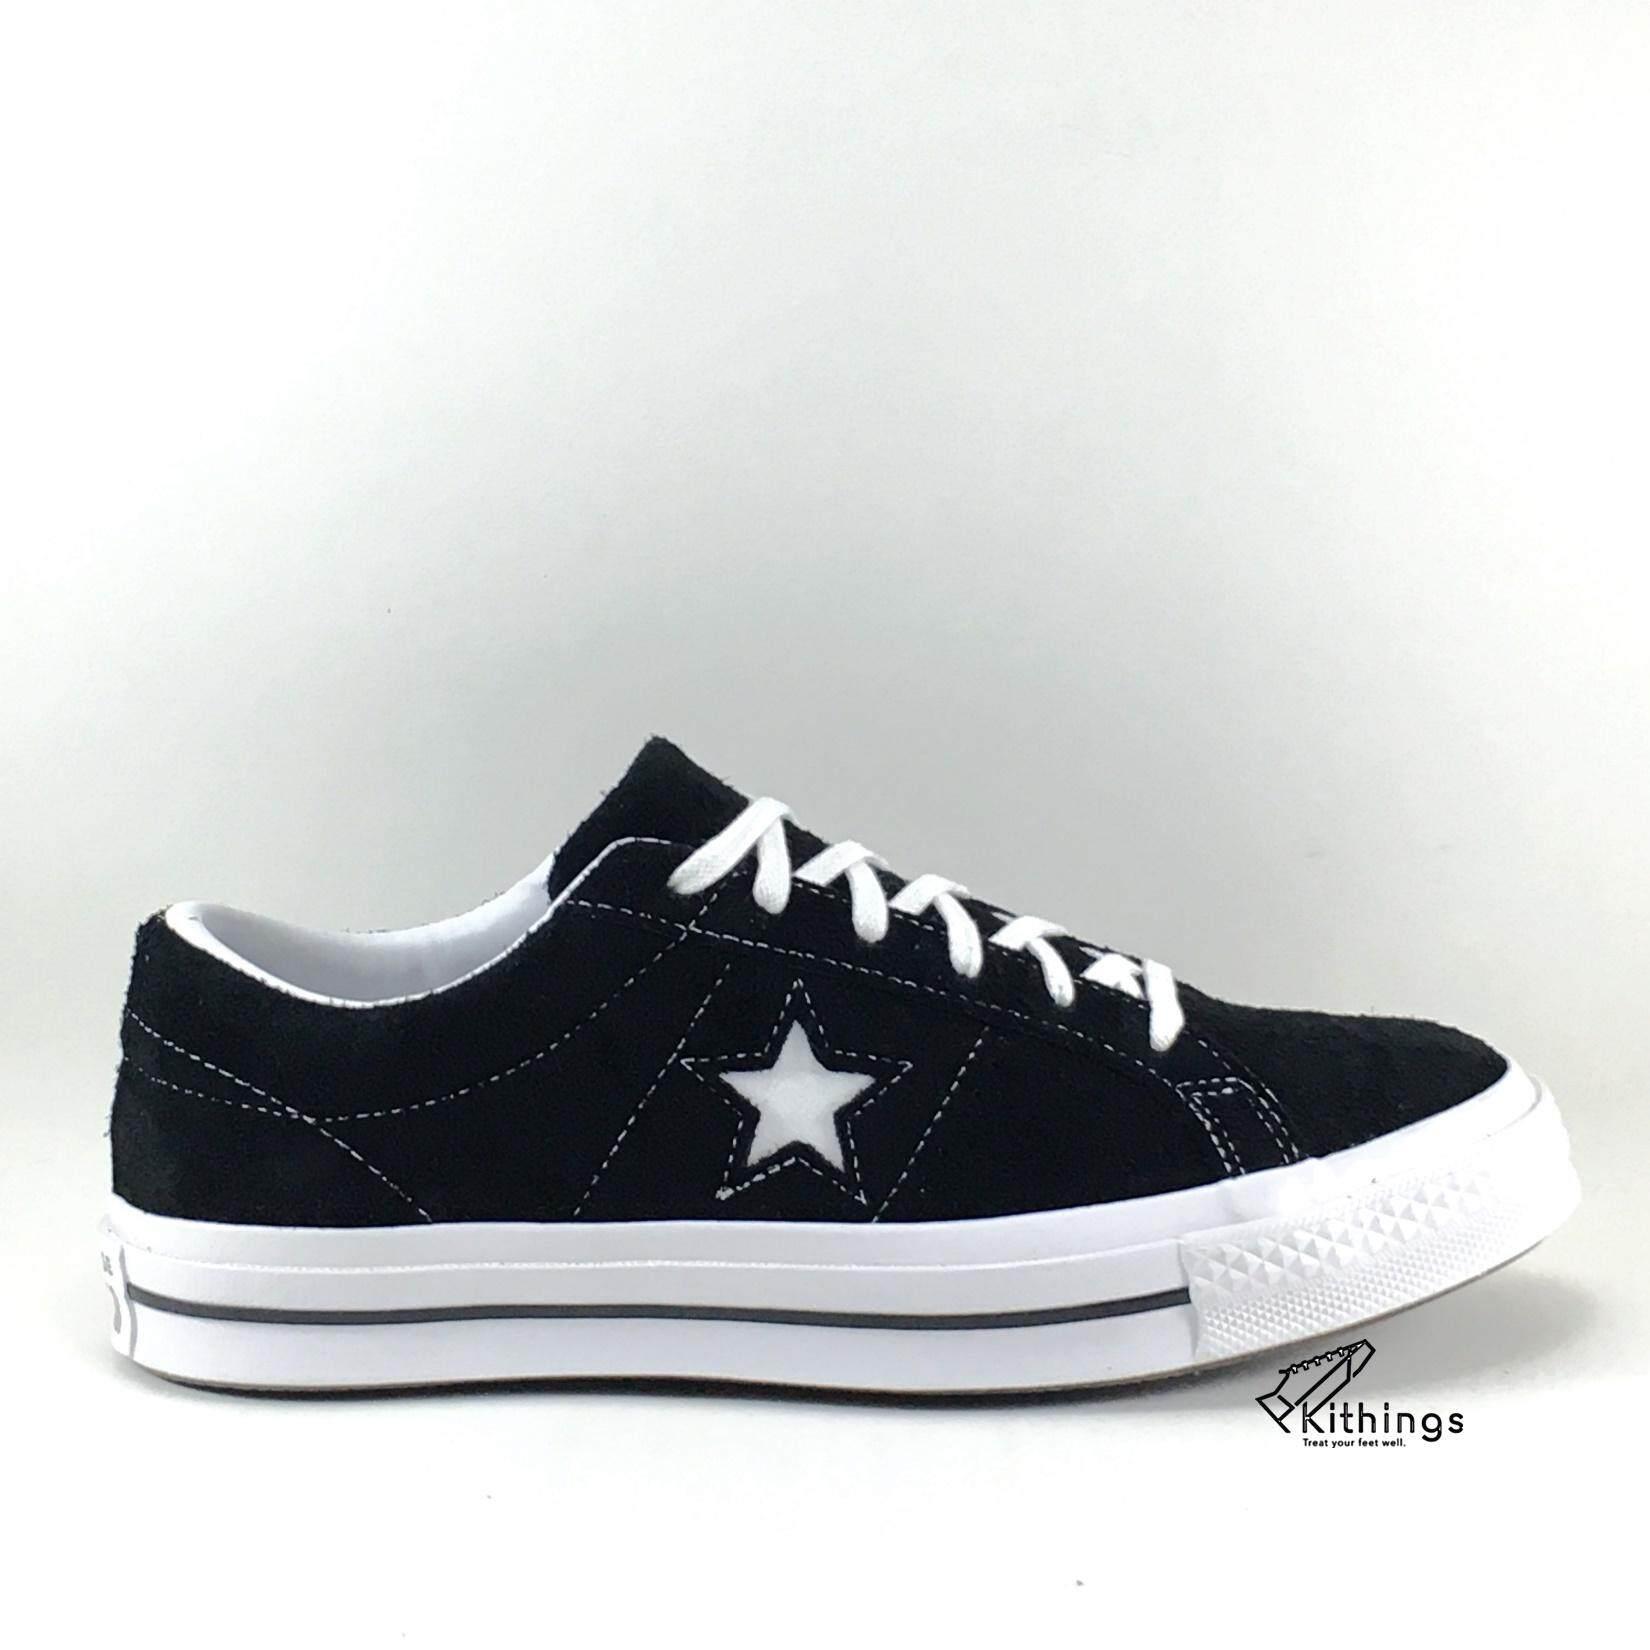 ตราด CONVERSE รองเท้าผ้าใบแฟชั่นรุ่น ONE STAR LEATHER SUEDE   black   สีดำ